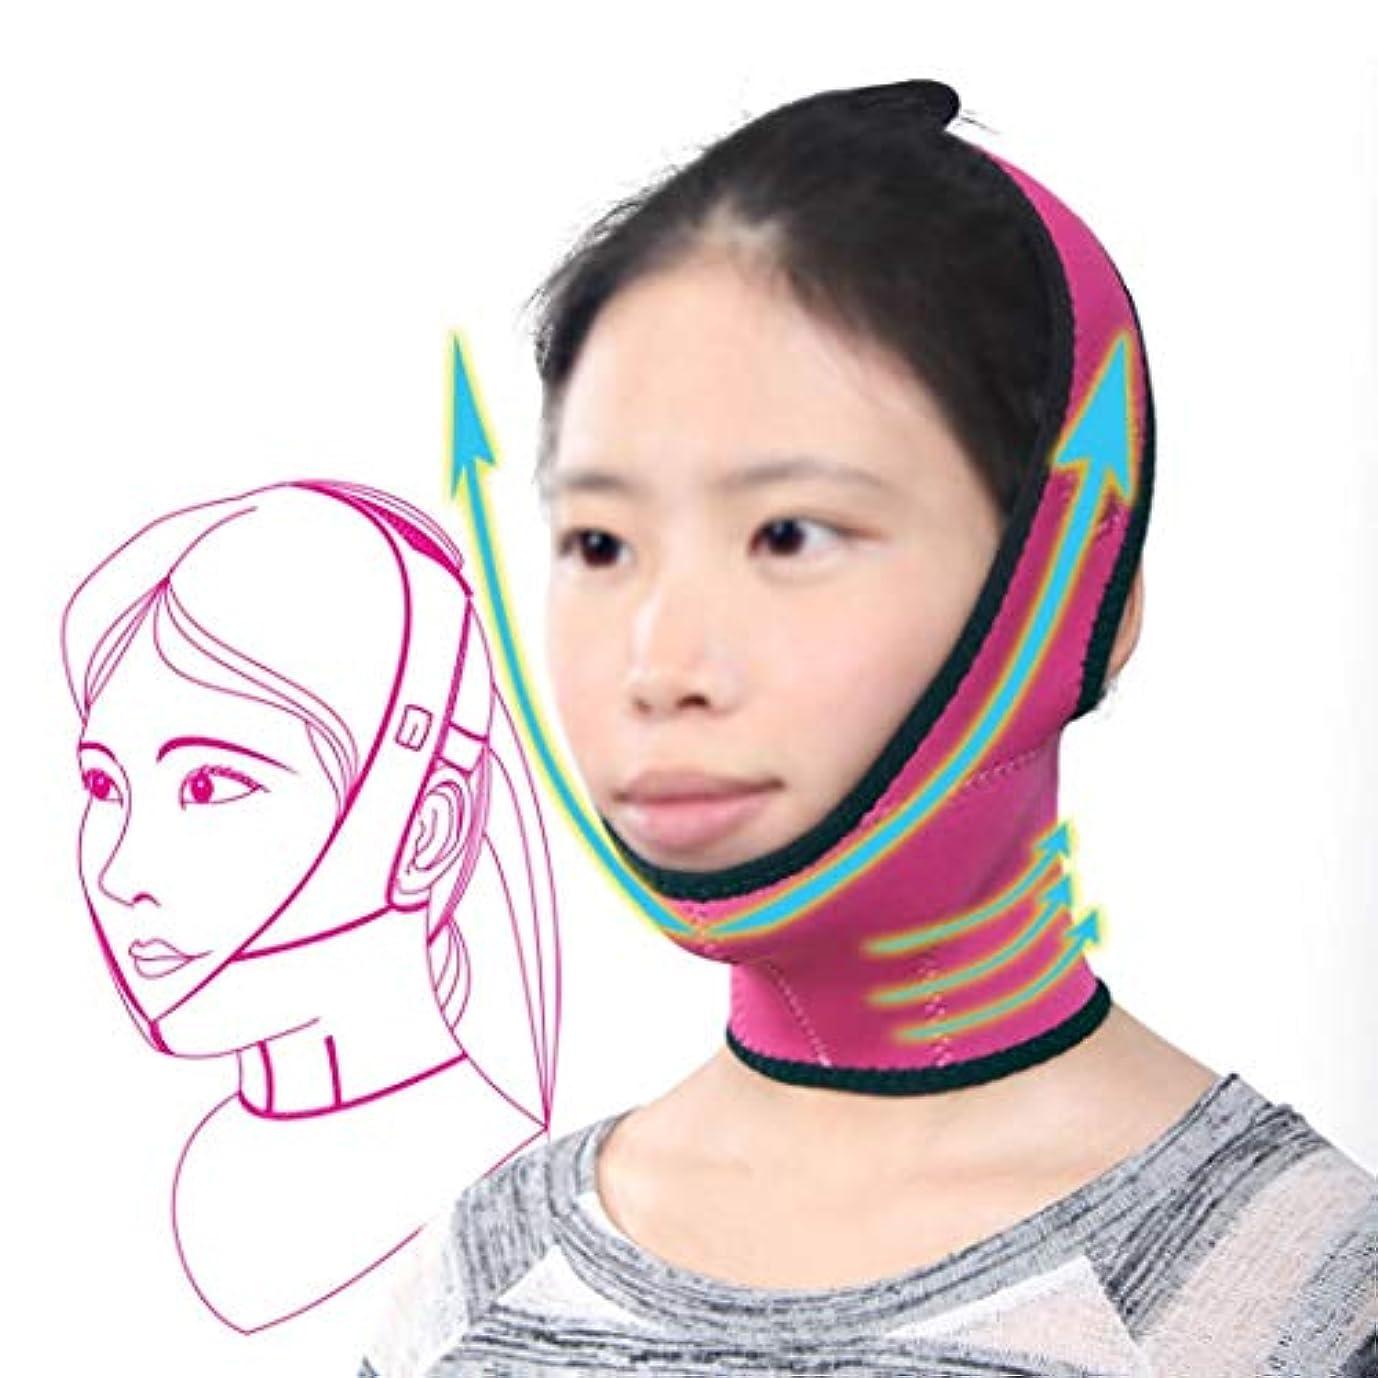 プレミア繰り返す気取らないフェイスリフトマスク、痩身ベルトフェイスマスク強力なリフティング小さなV顔薄い顔包帯美容フェイスリフティング顔小さな顔薄い顔マスク